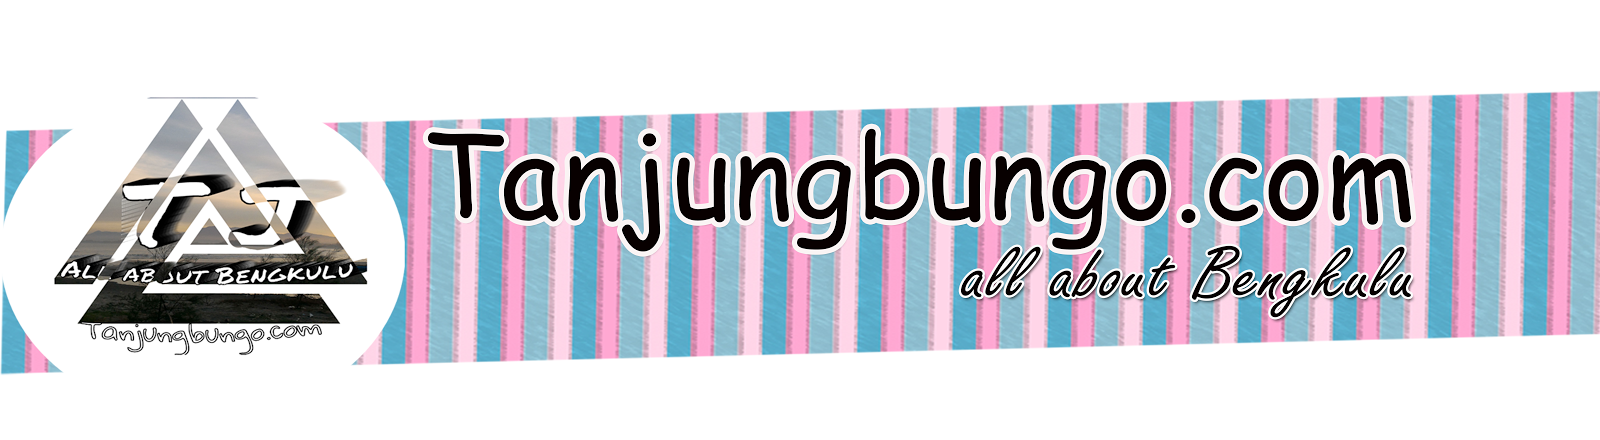 Tanjungbungo.com